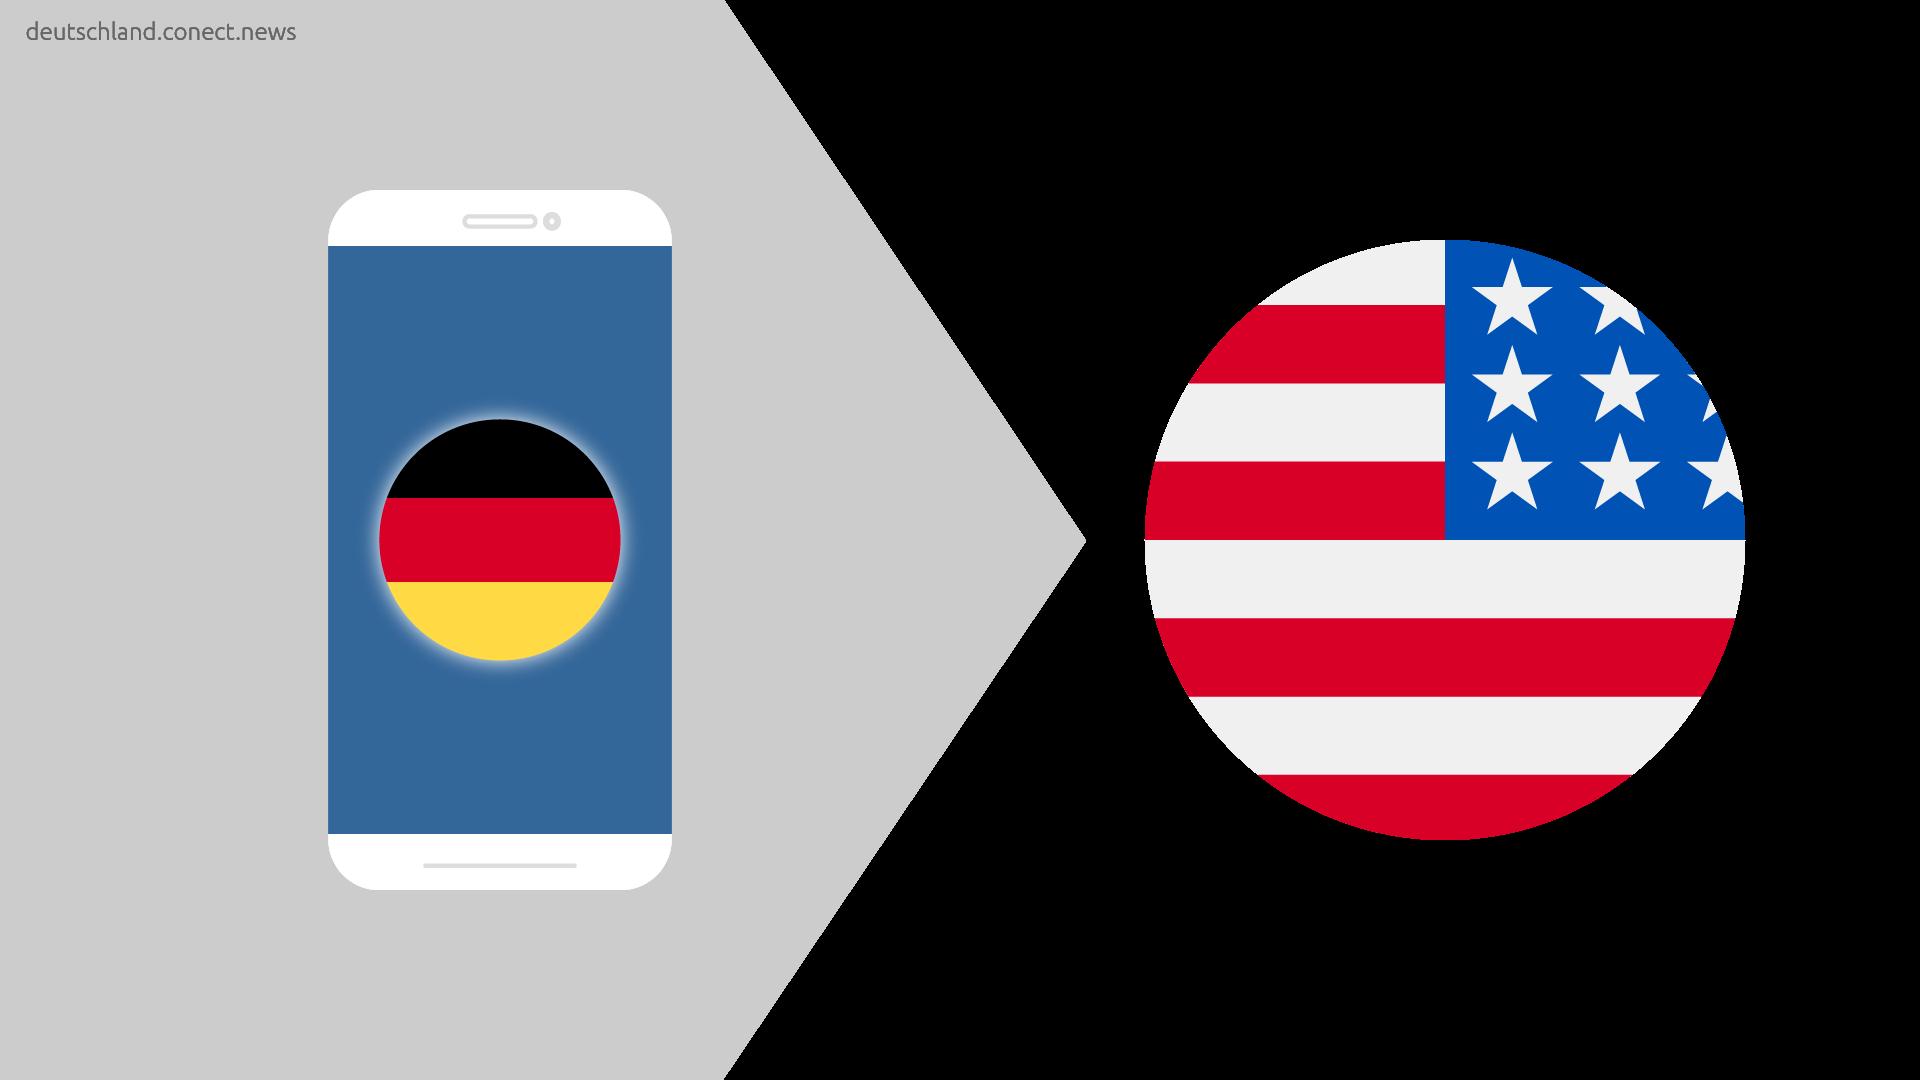 Deutschland-USA-@conect_news